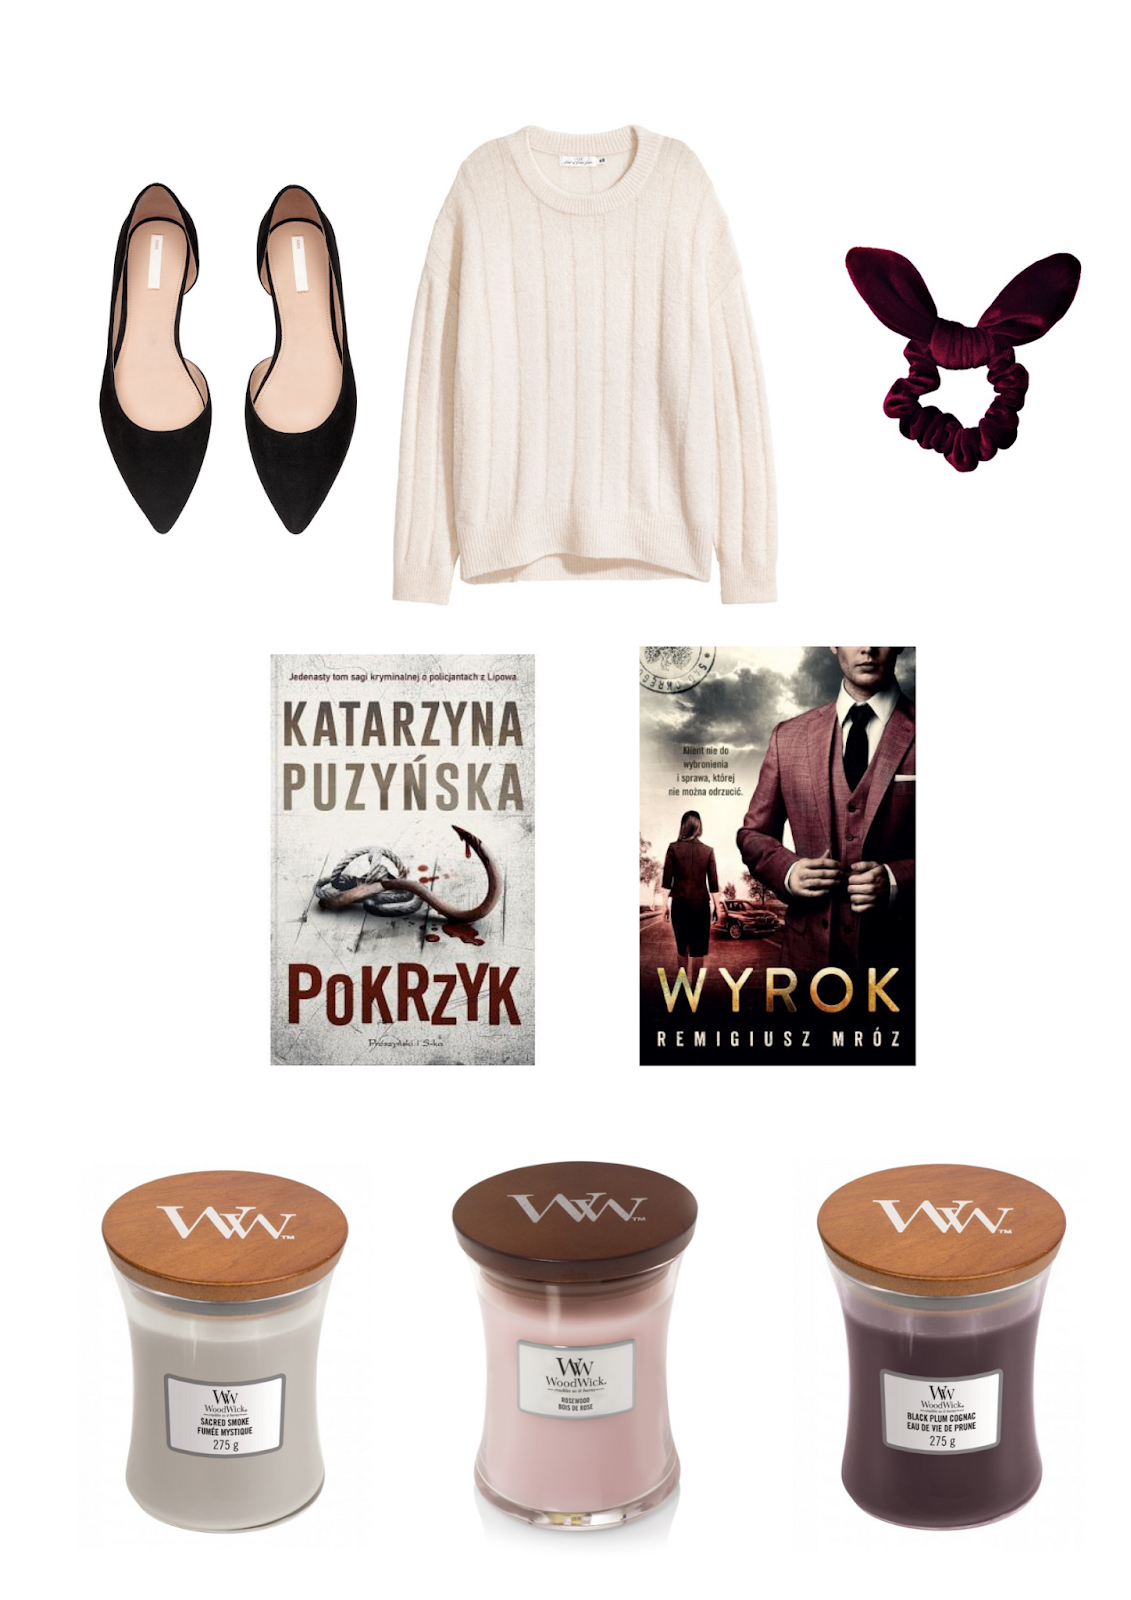 Jesienna wishlista - buty, ubrania, książki